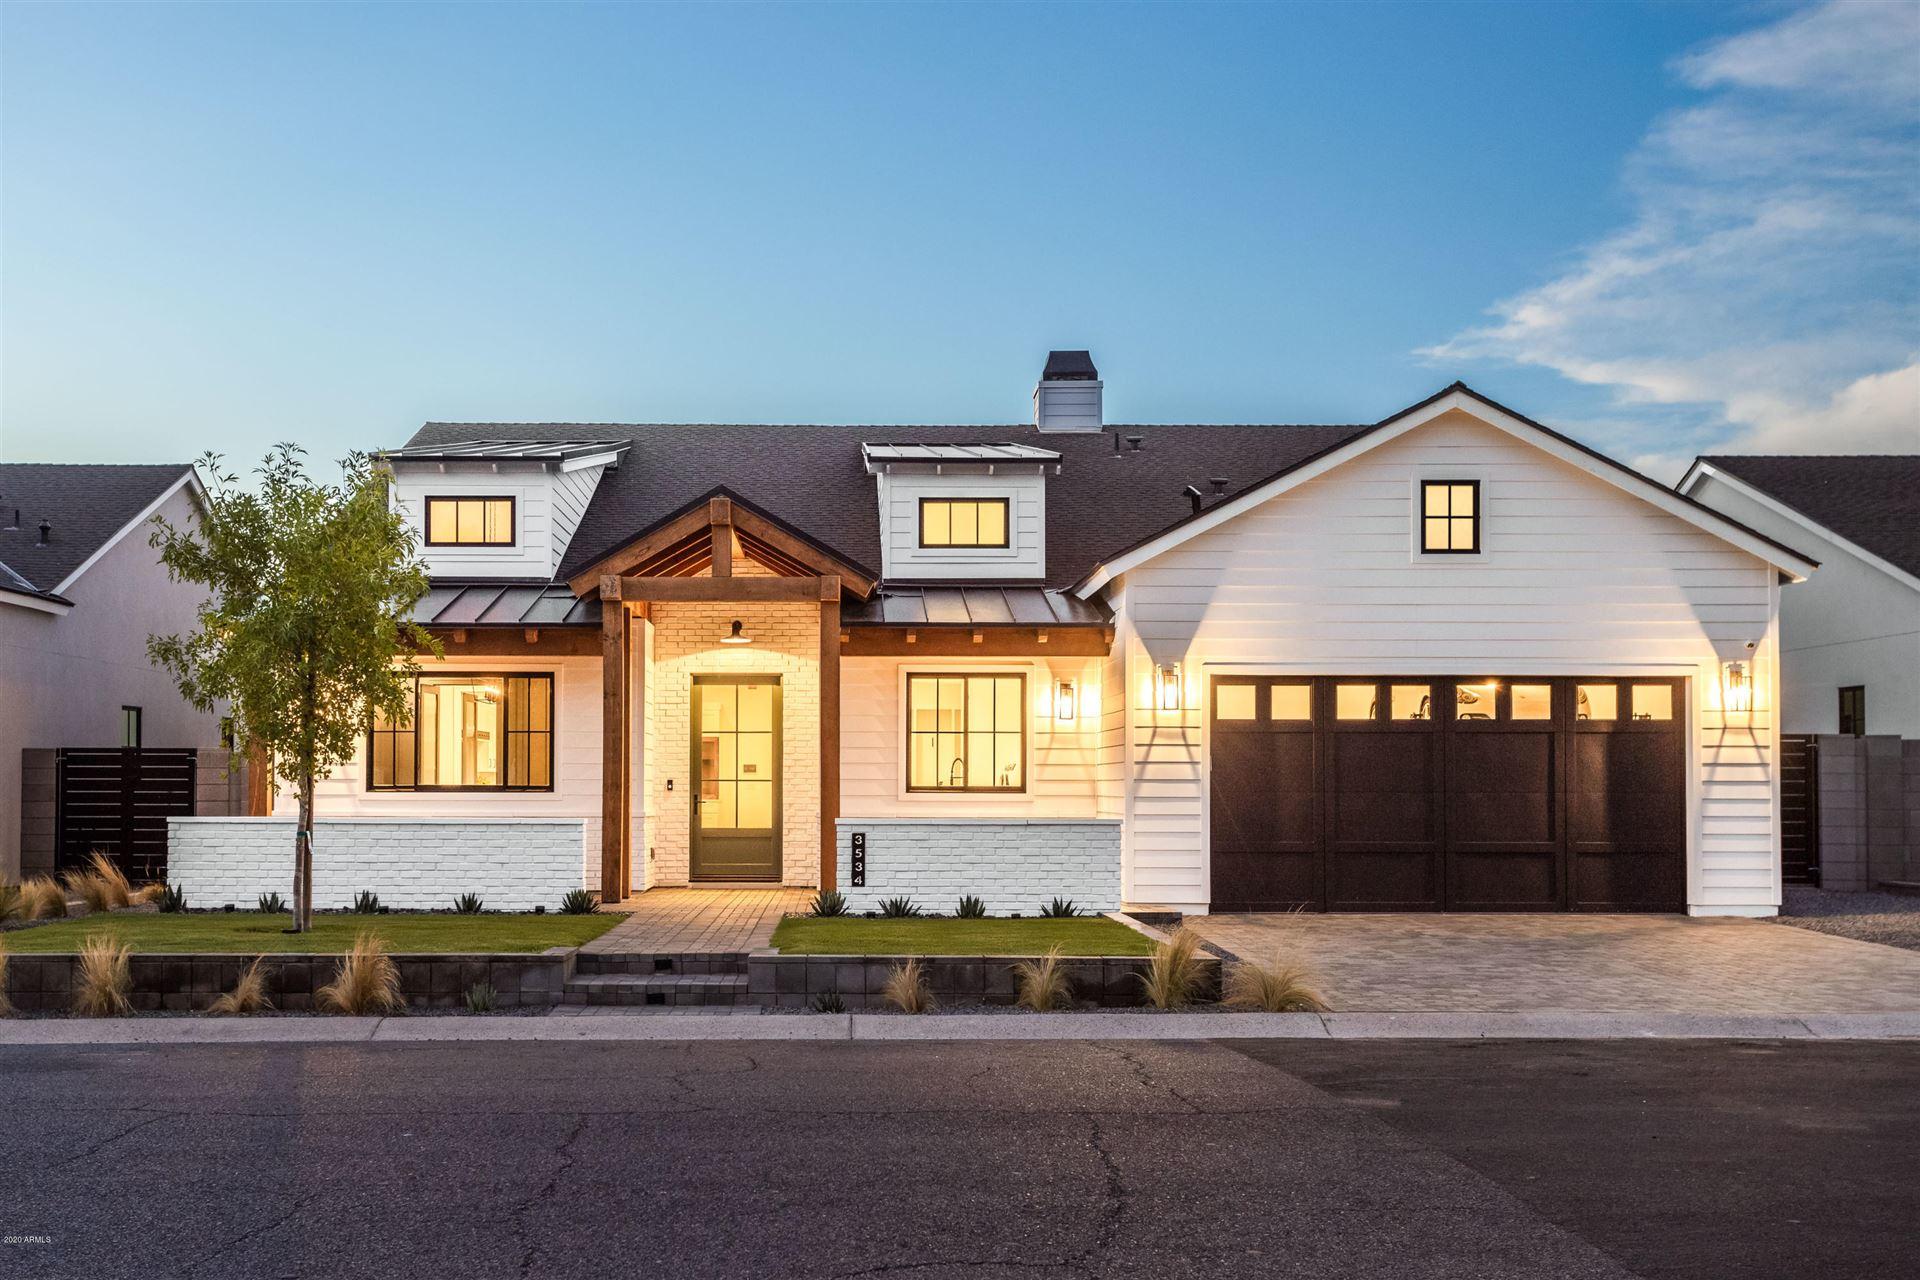 3534 E GLENROSA Avenue, Phoenix, AZ 85018 - MLS#: 6099467